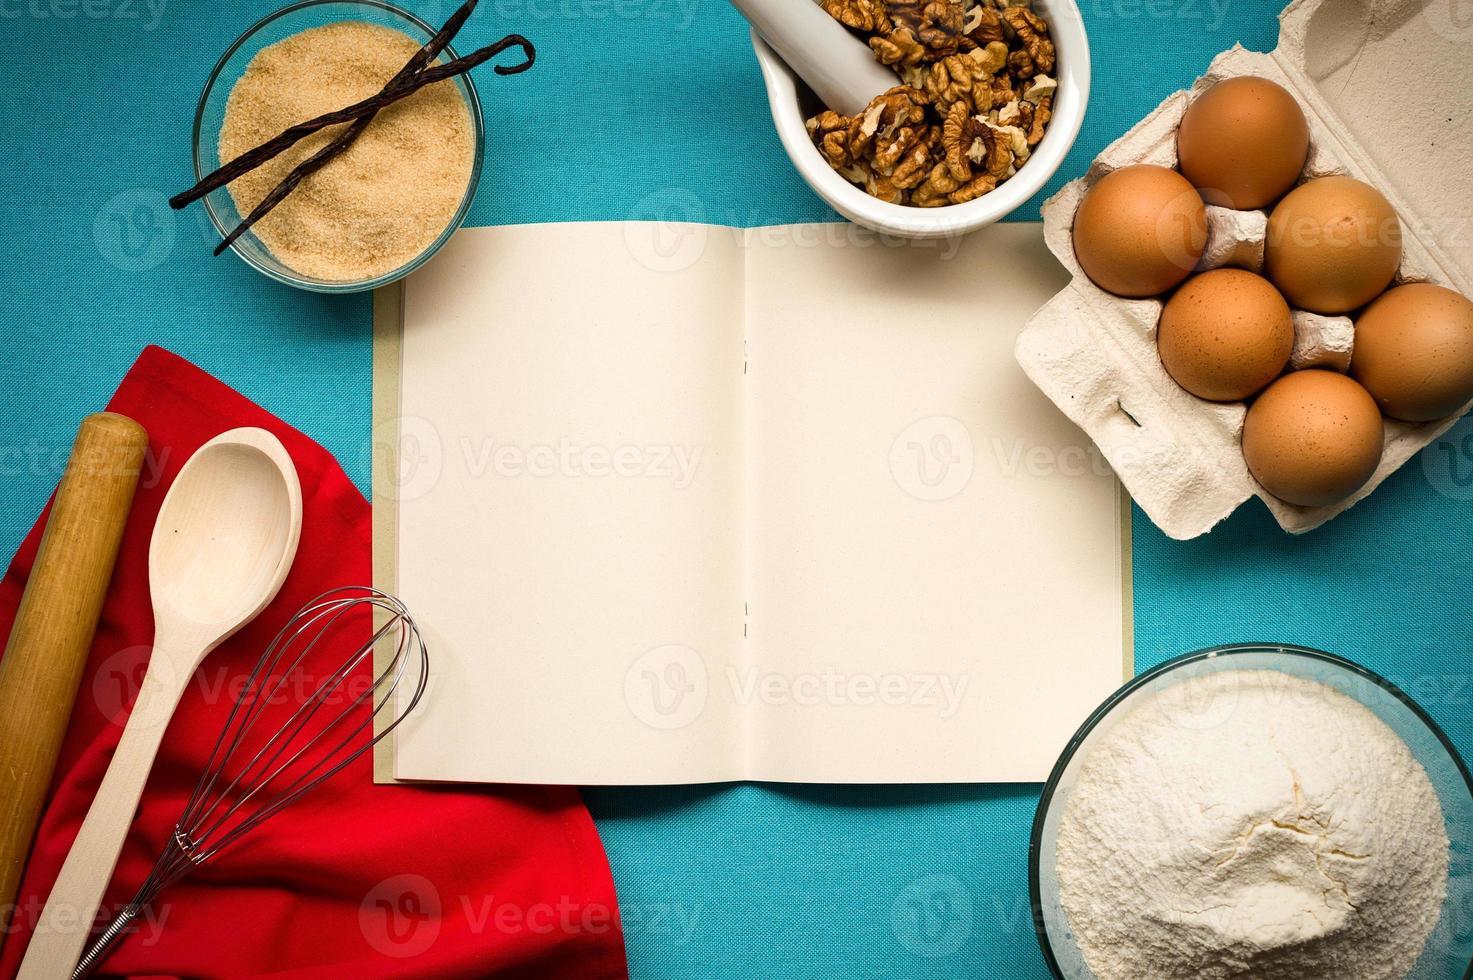 cahier de recettes photo